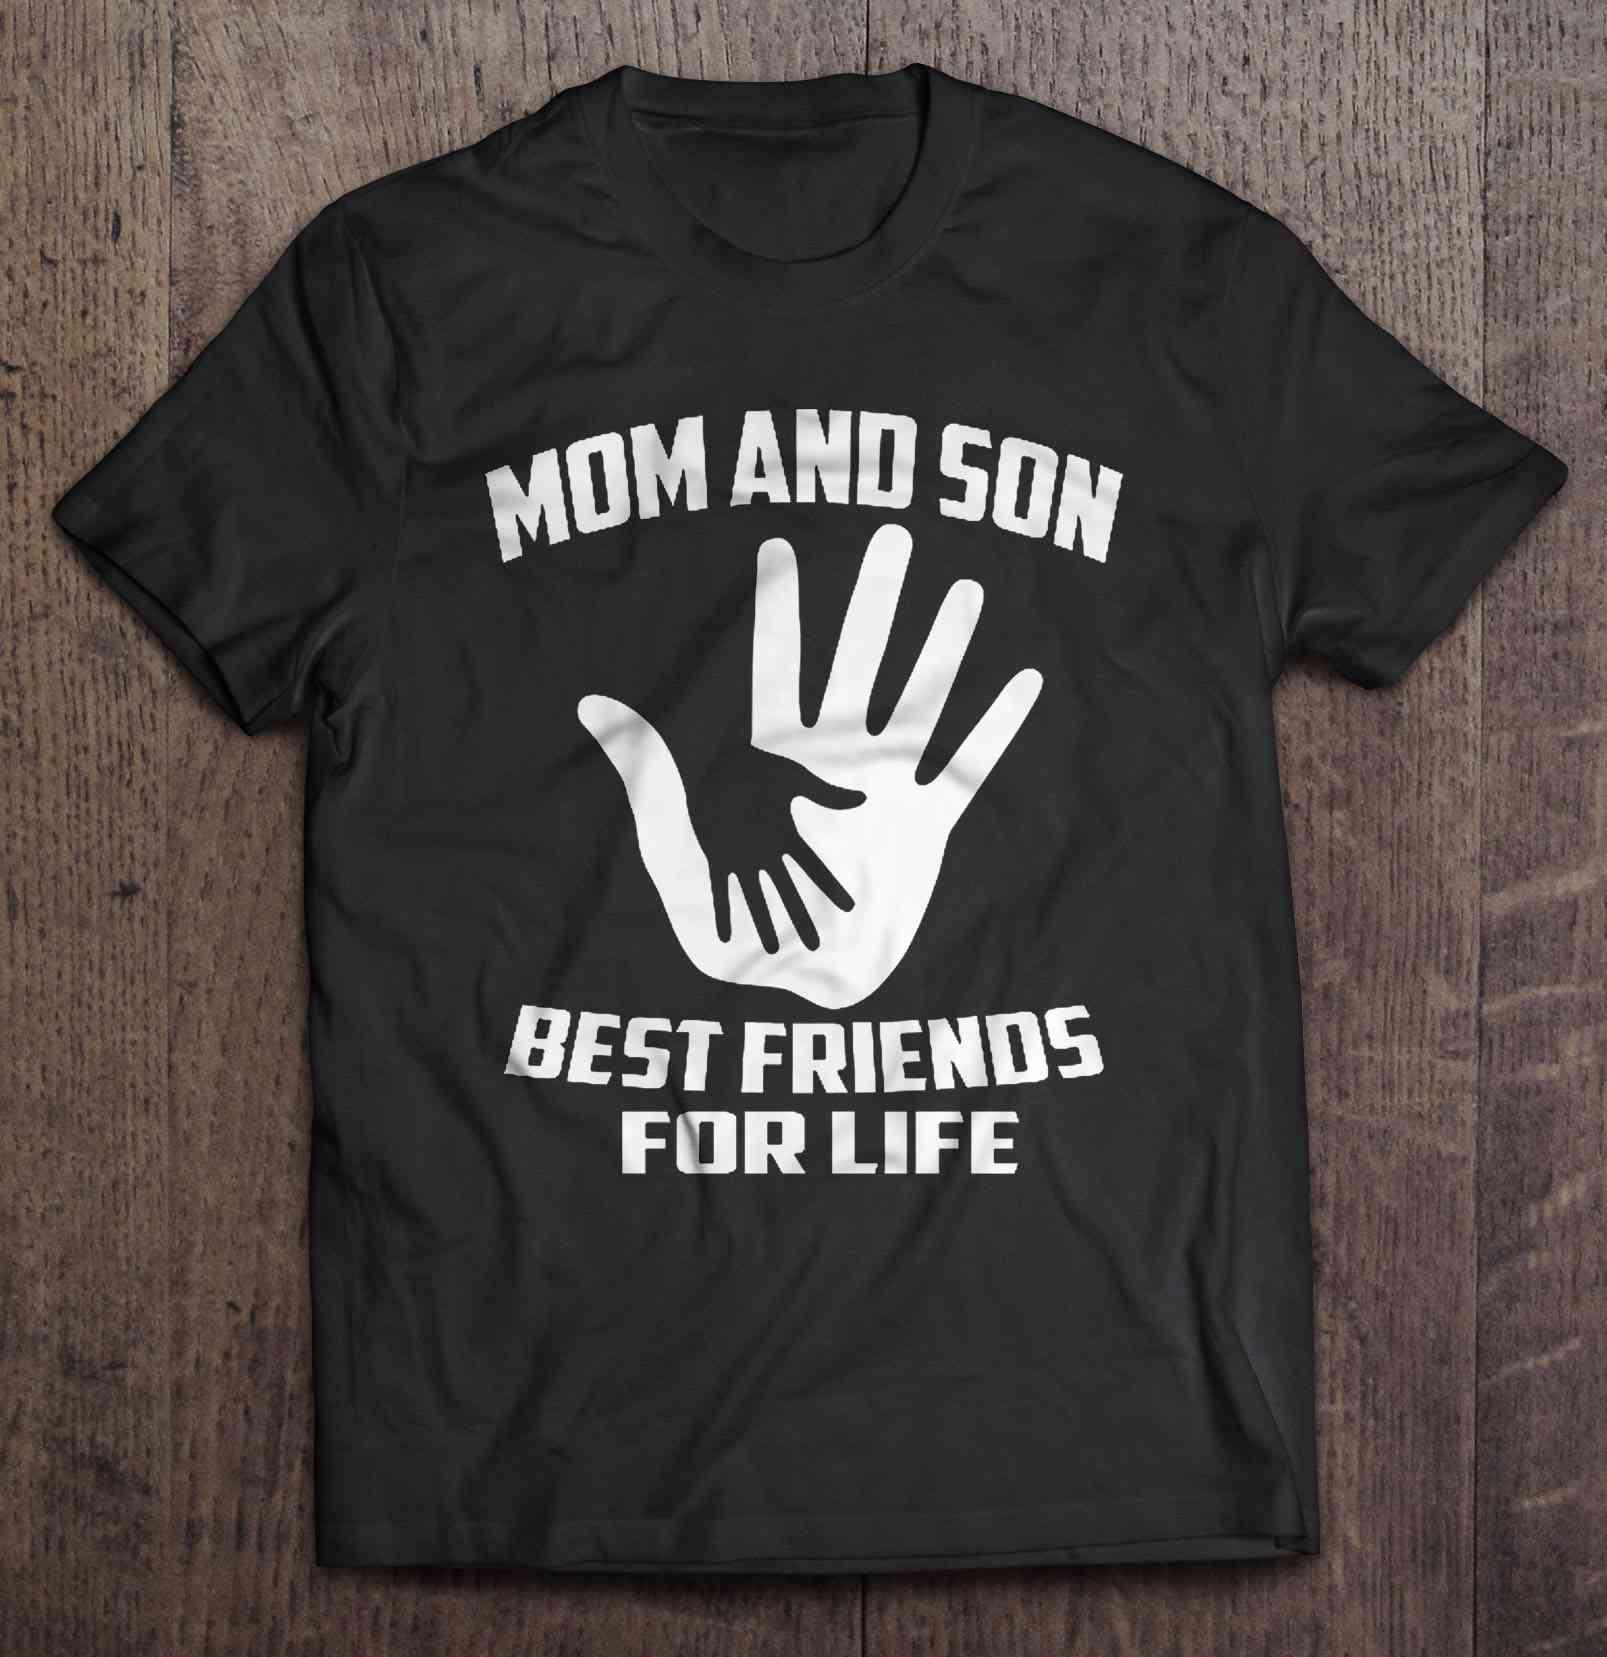 Мама и сын лучшие друзья для жизни версия 2 футболки